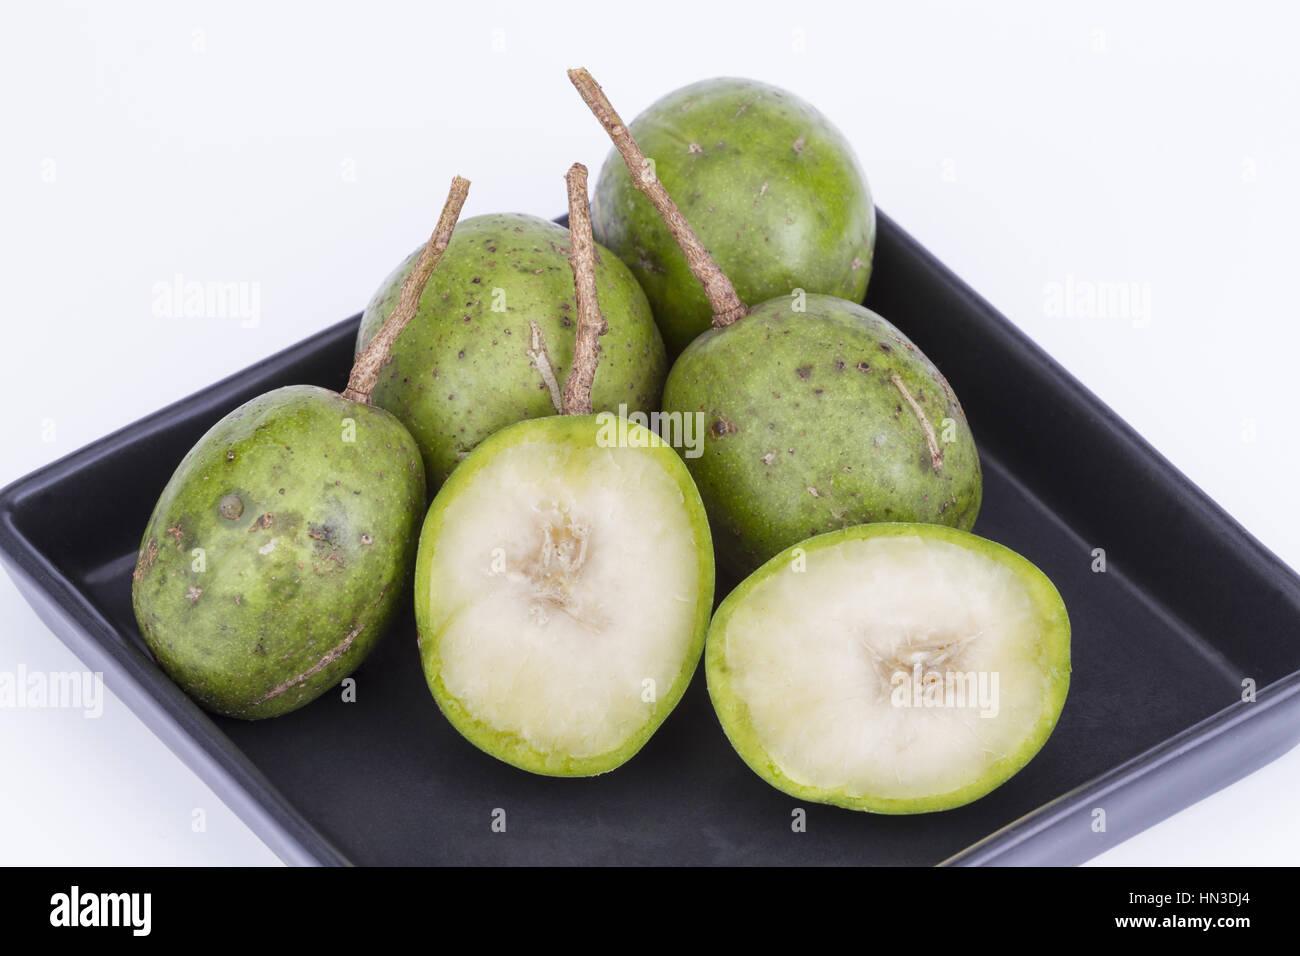 Hog Plum Wild Mango Scientific Name Is Spondias Pinnata L F